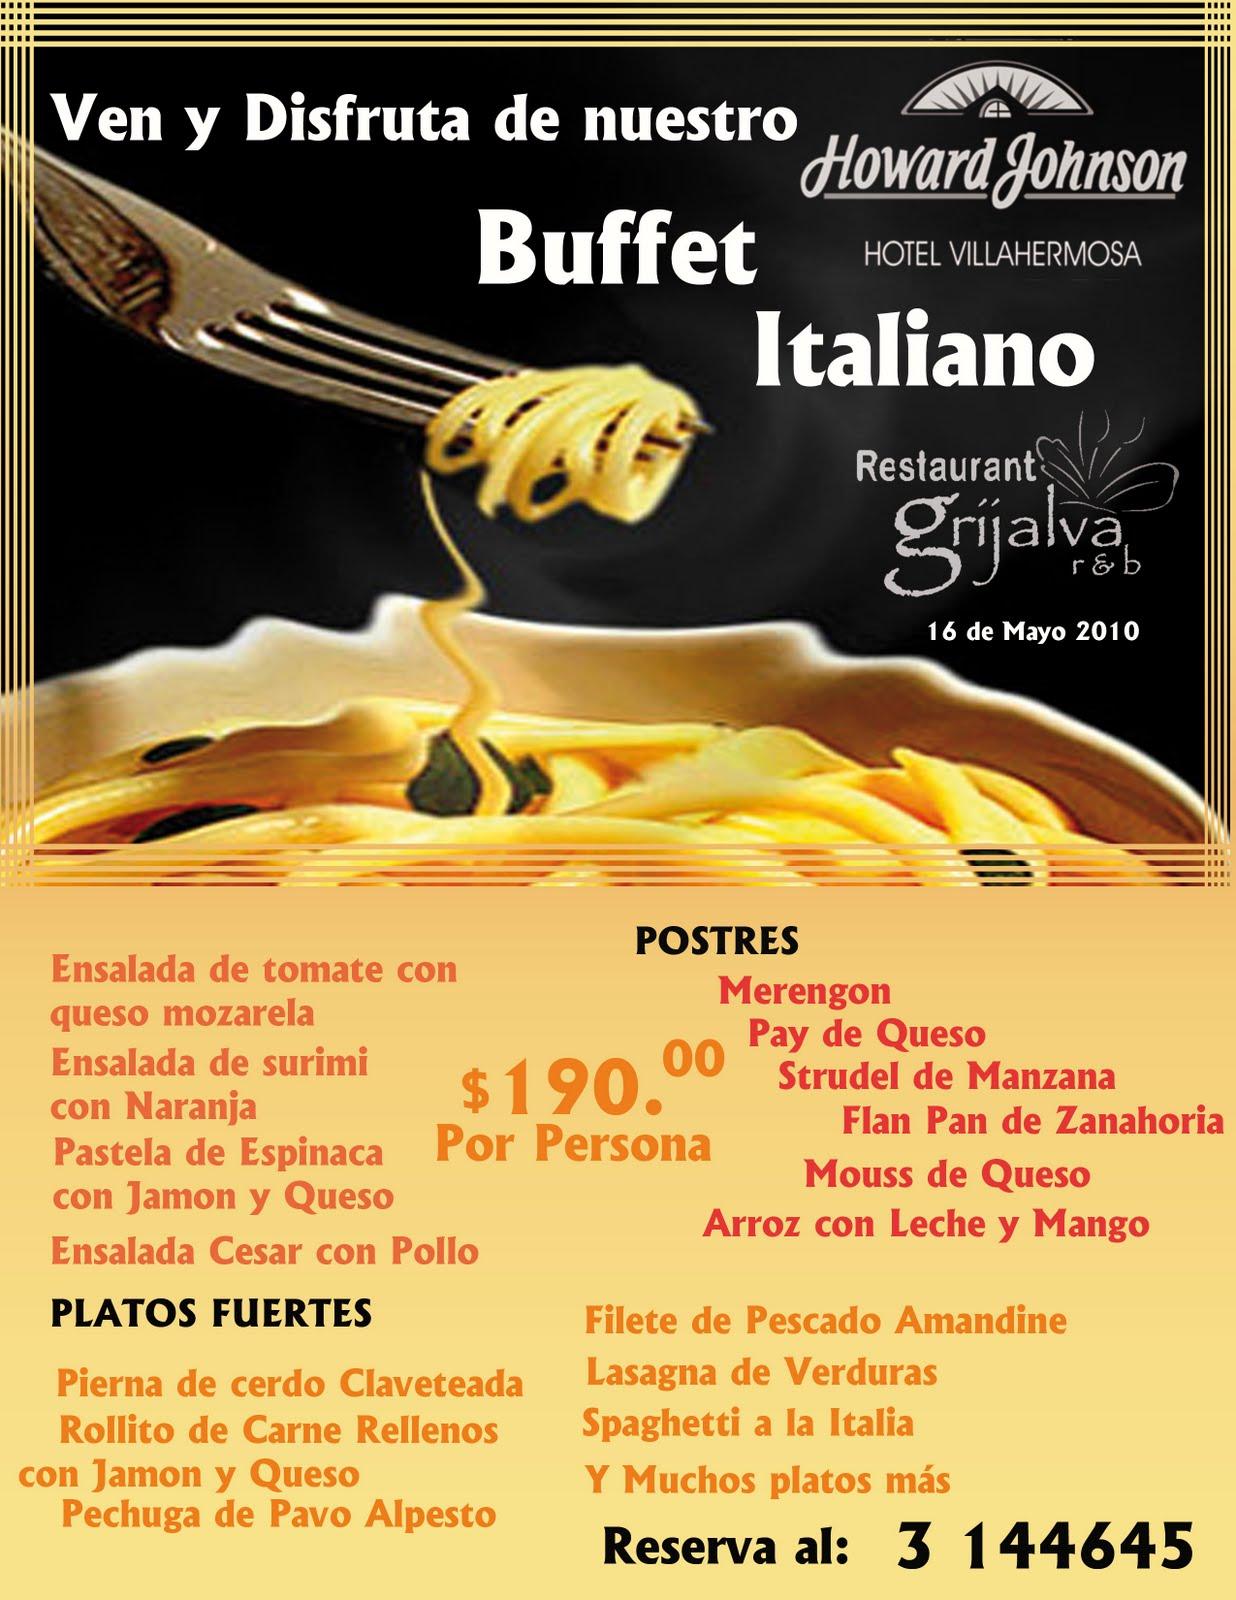 Buffet Italiano Mayo 2010